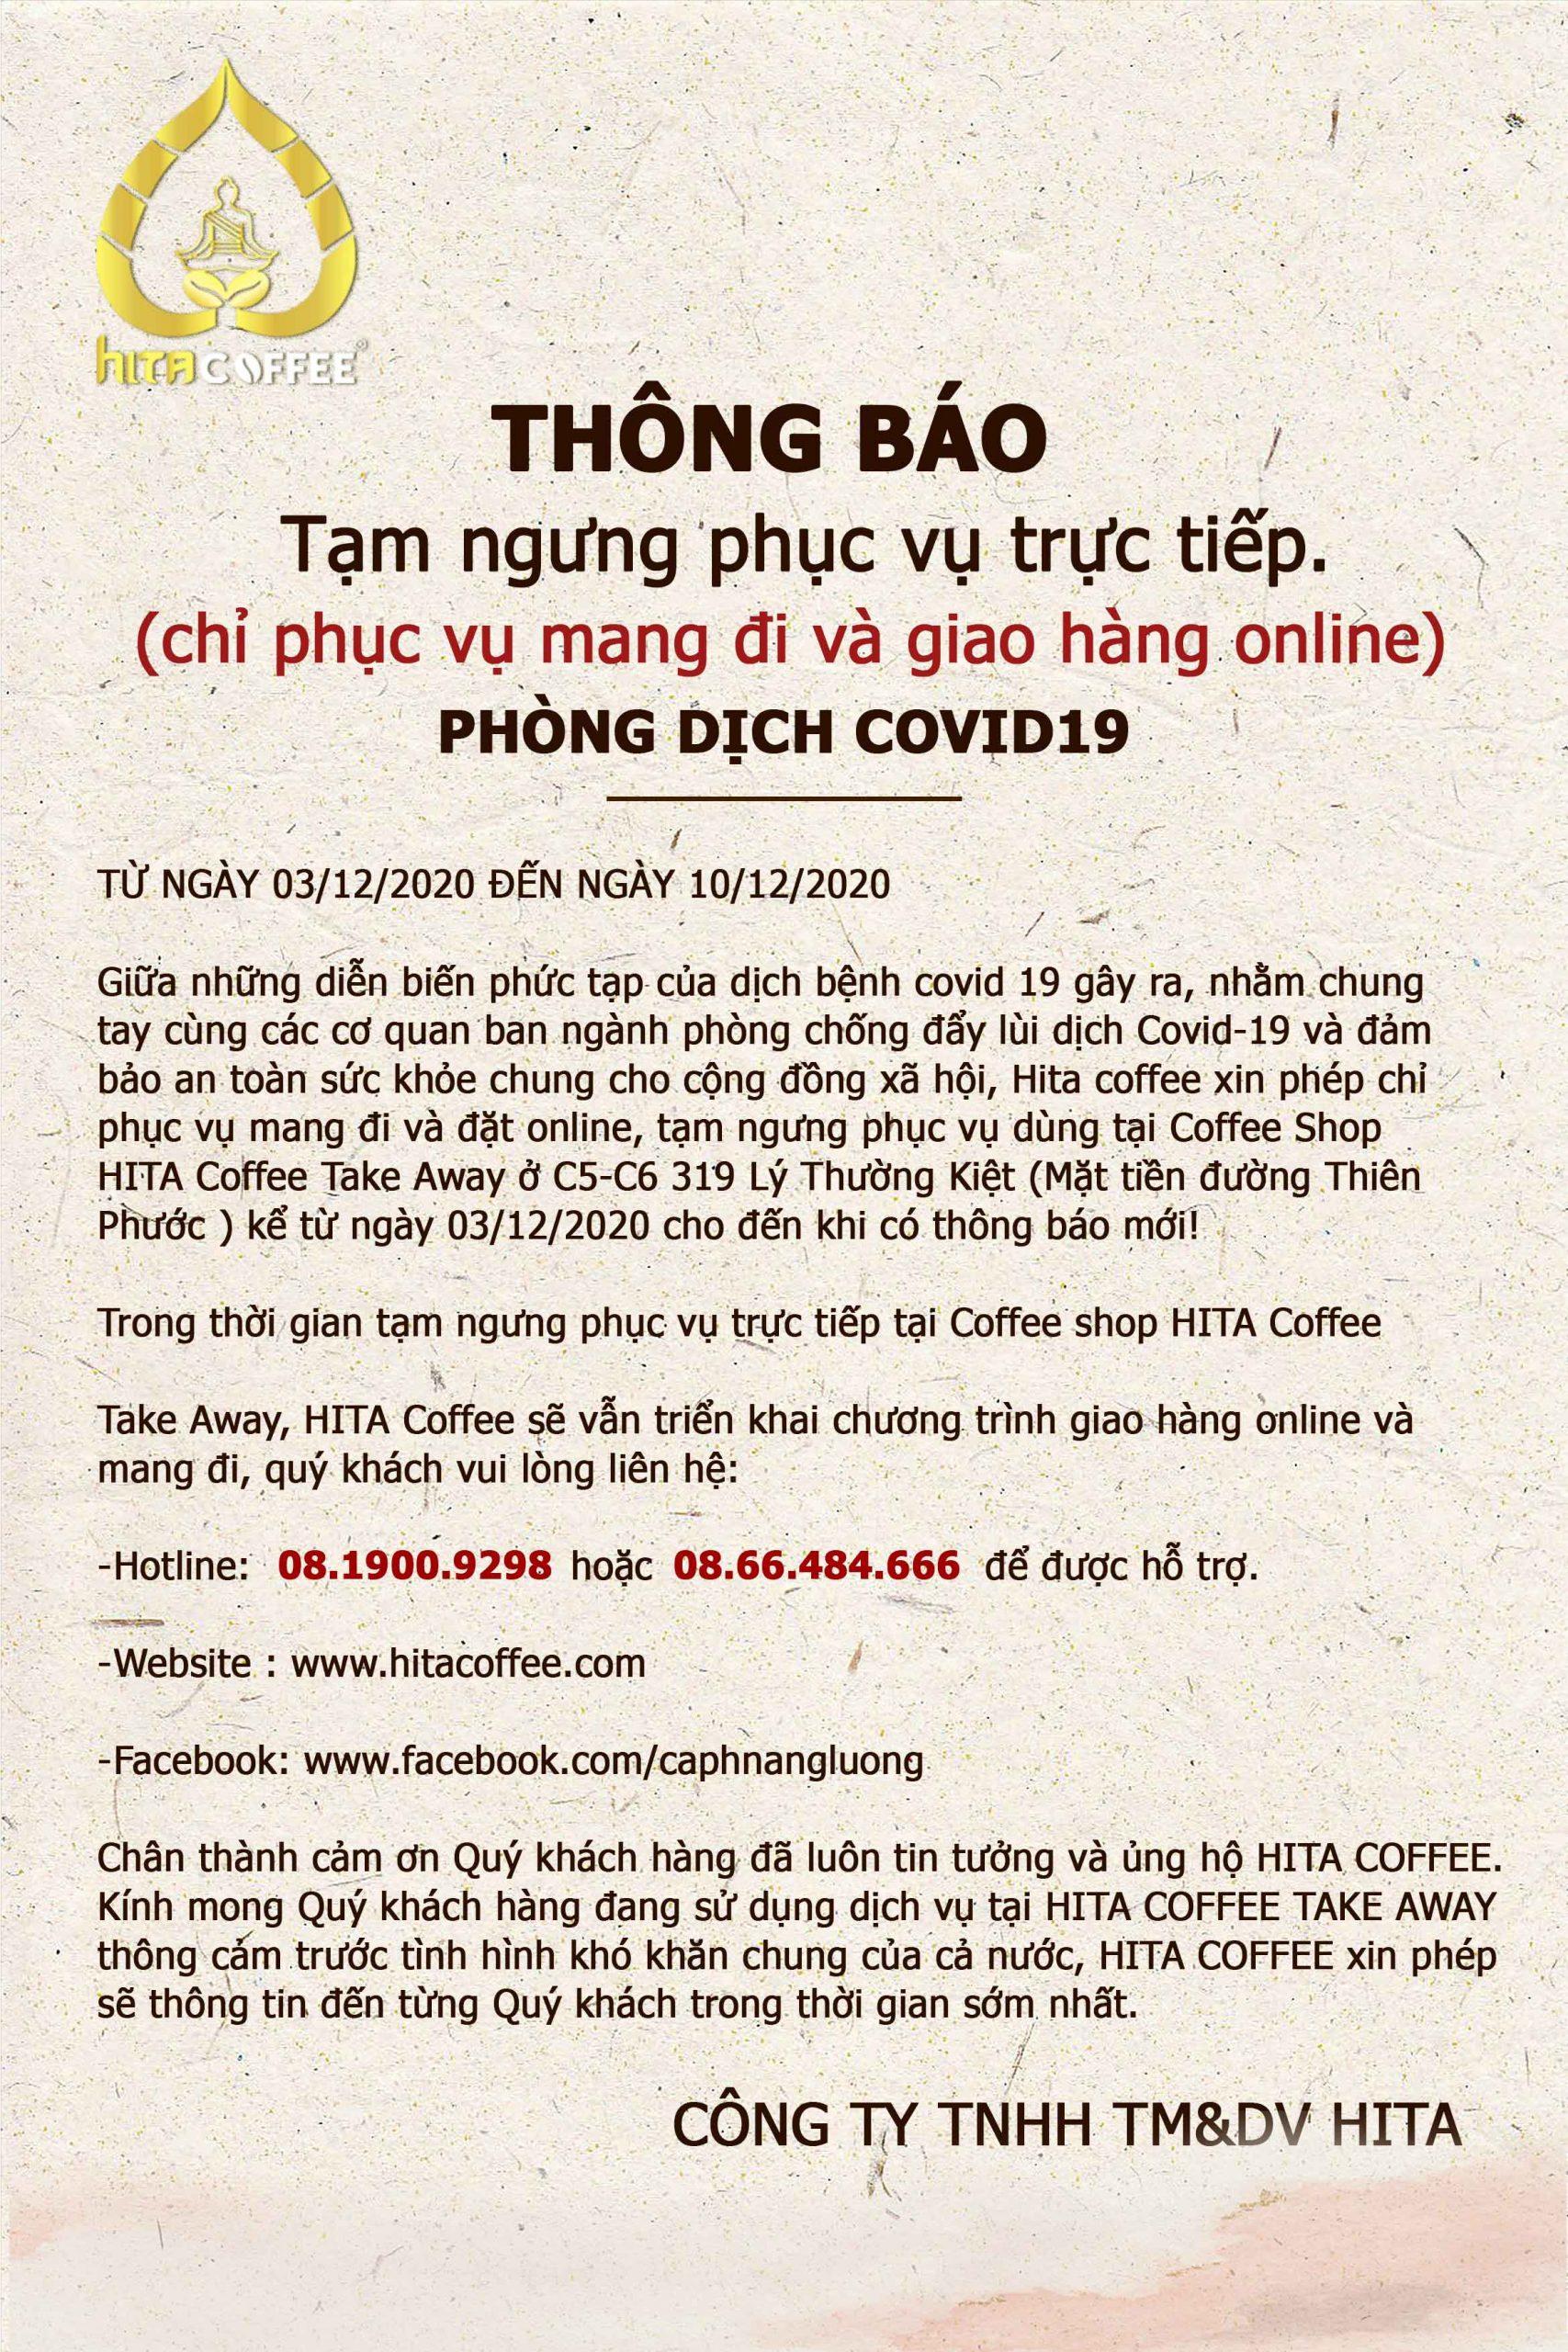 THÔNG BÁO TẠM ngưng phục vụ trực tiếp tại HITA Coffee Take Away 1